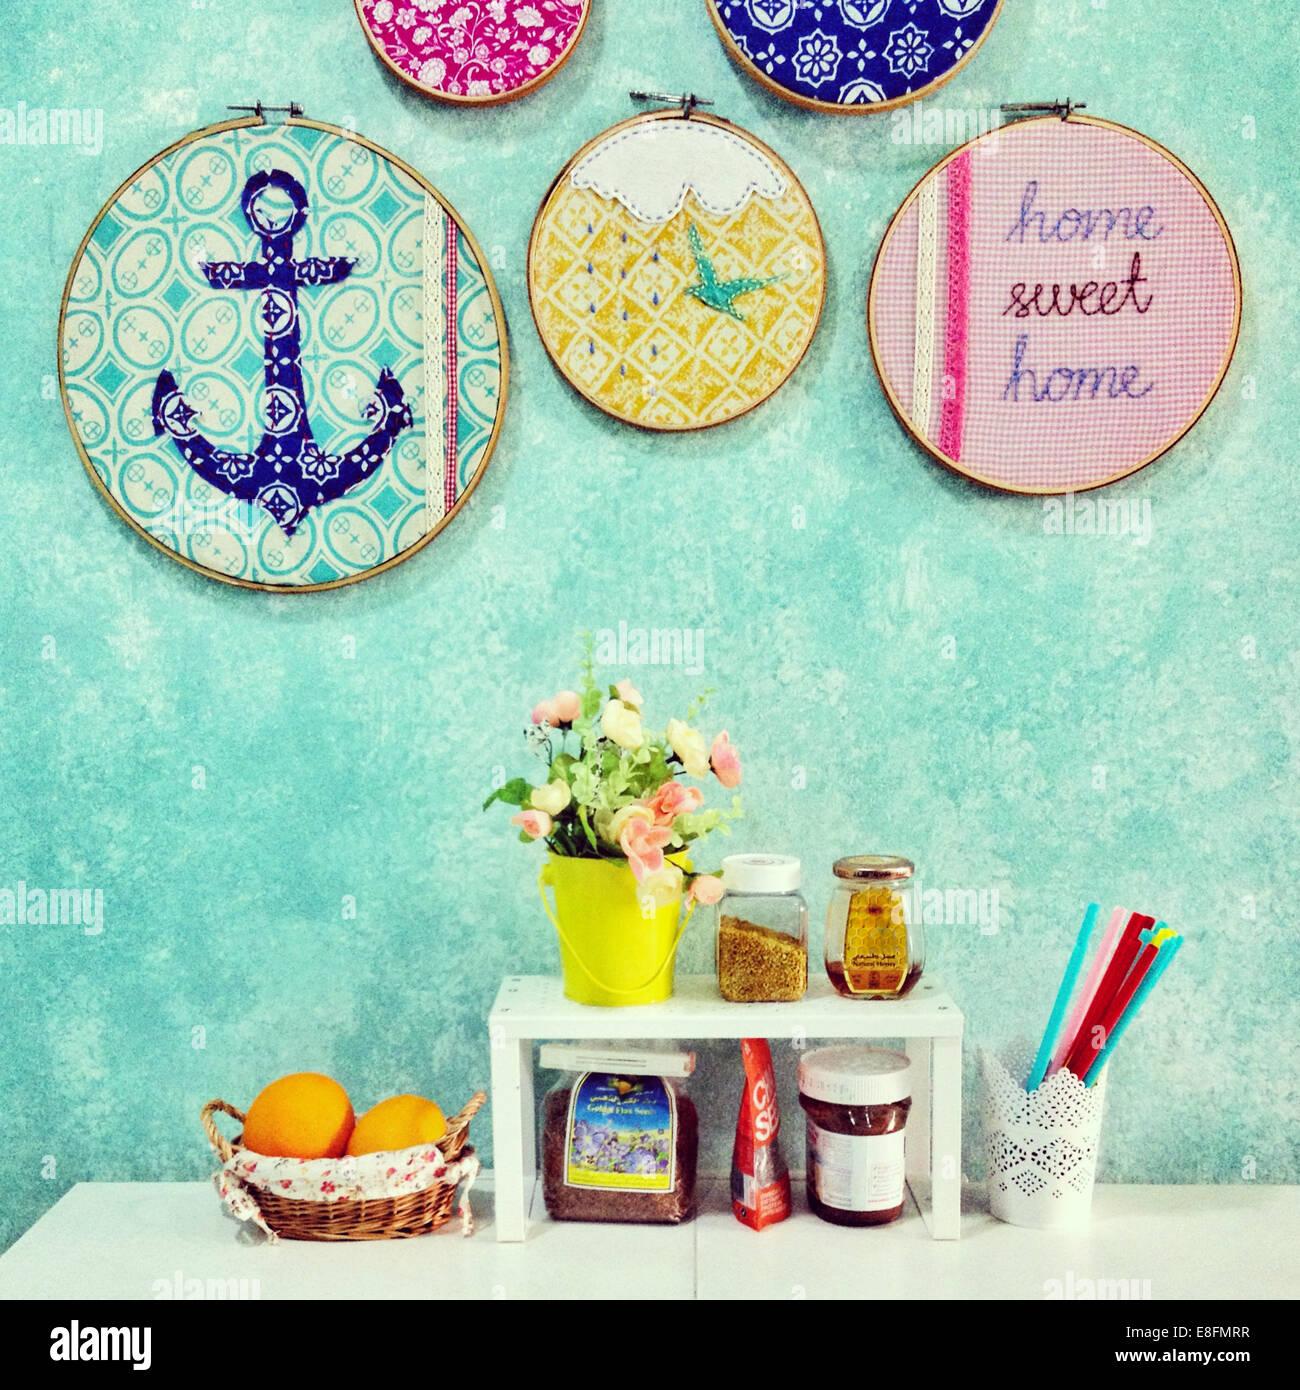 Hogar, dulce hogar disposición de alimentos, flores y decoraciones Imagen De Stock